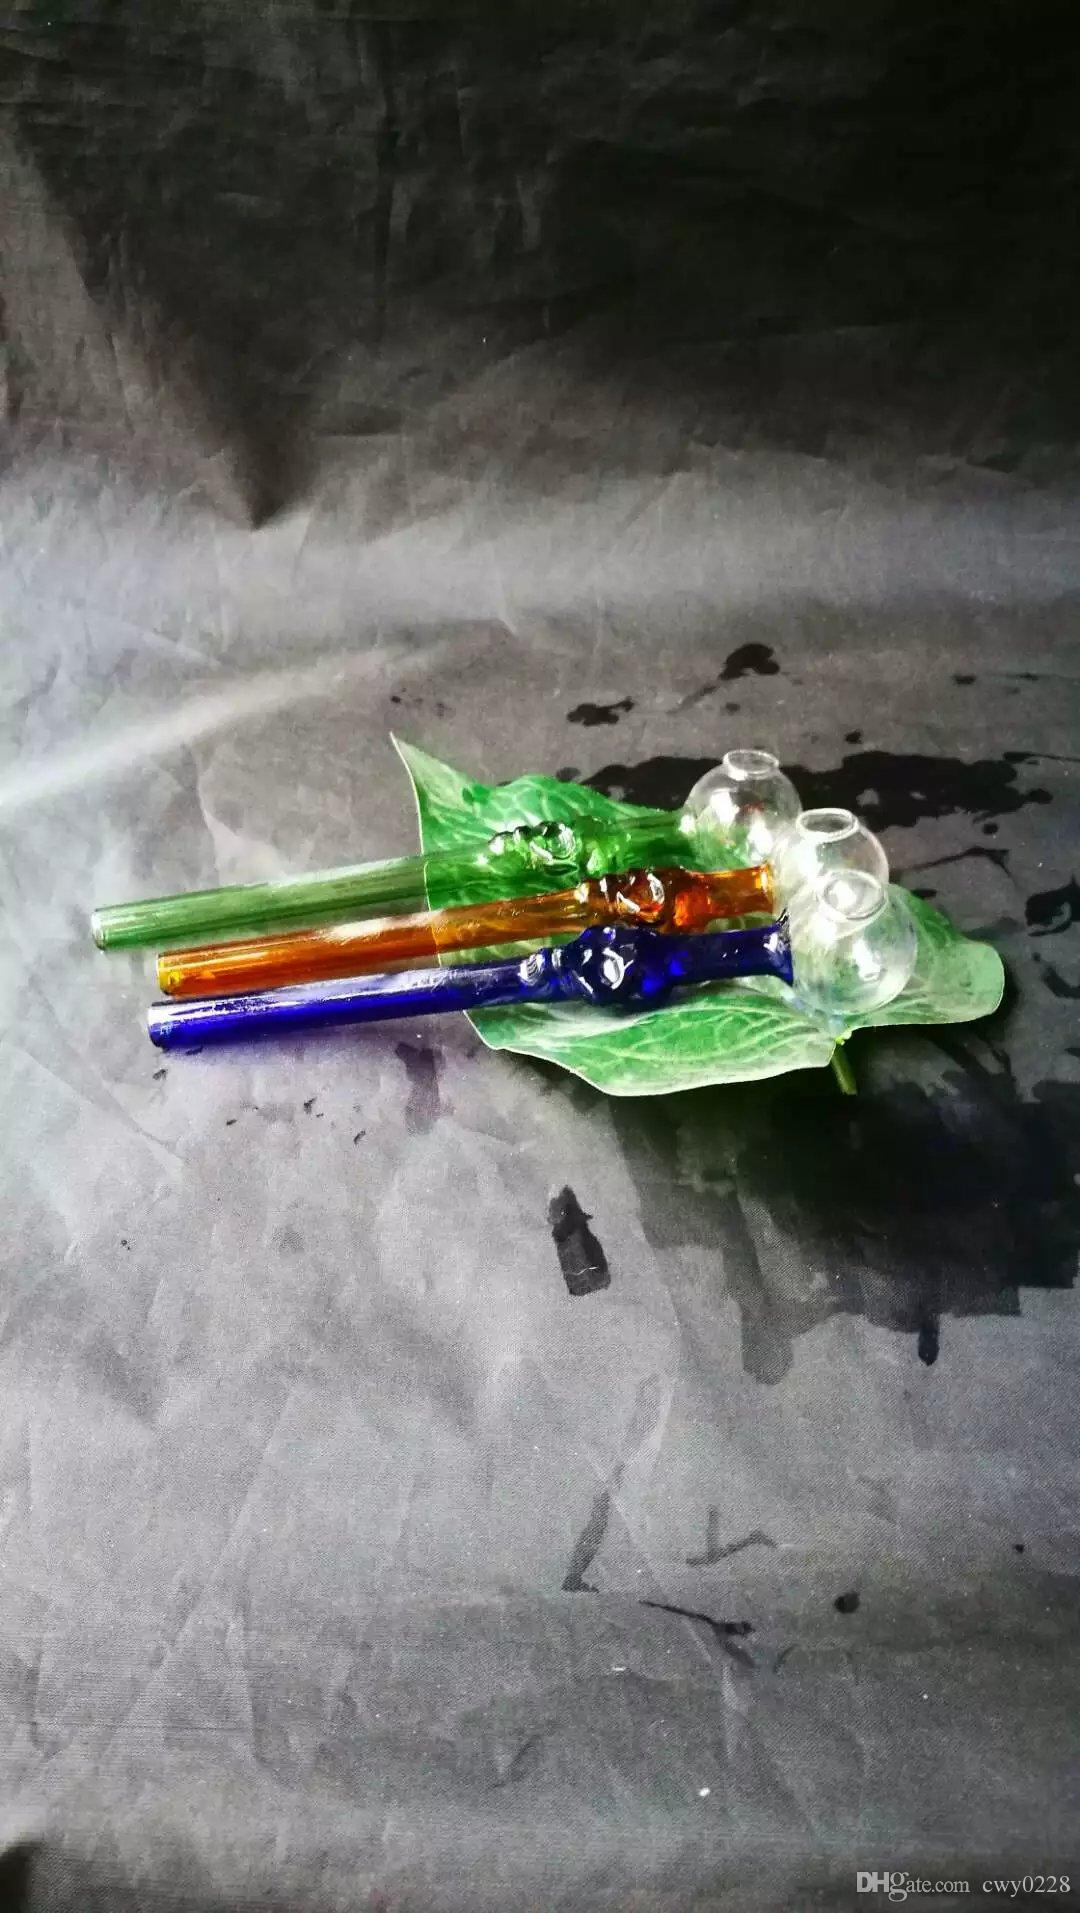 Accessori bong con bruciatore a testa trasparente, Bruciatore a olio unico Tubi in vetro Bong Tubi d'acqua Rigs tubi in vetro Fumo con contagocce